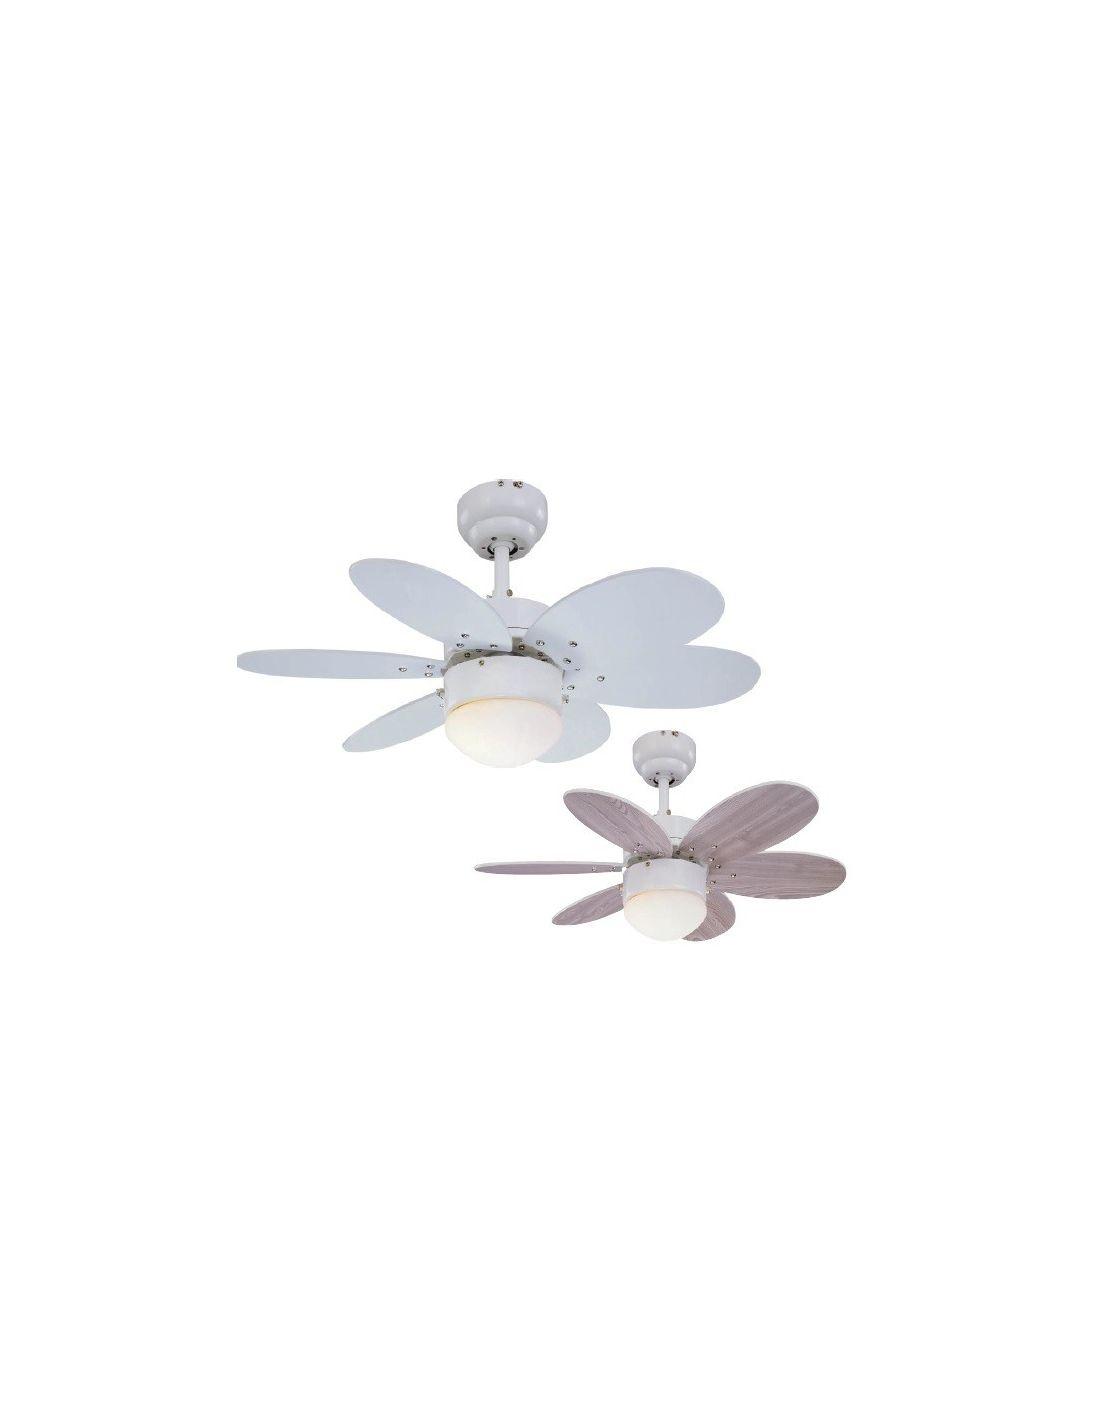 ofertas ventiladores de techo online env o r pido y seguro